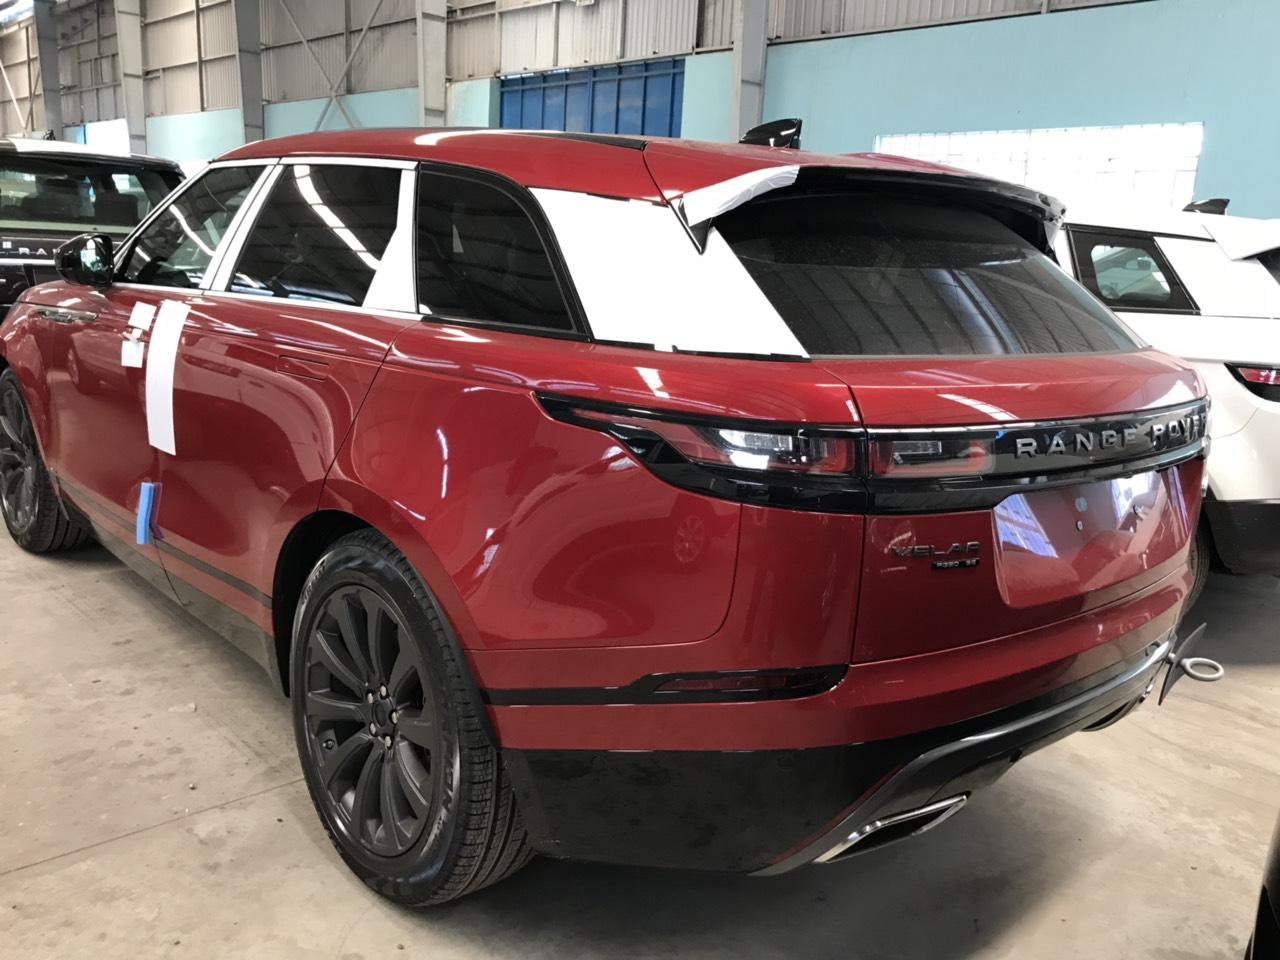 Giá Xe Range Rover Velar 2.0 màu Aruba và màu đỏ Bản Rẻ Nhất Đời 2020 Bao nhiêu Tiền tính cả lăn bánh và bao gồm các chi phí biển số, xe range rover màu nao đẹp,nhất giá bao bảo dưỡng sửa chữa có đắt hay không, địa chỉ bảo dưỡng ở đâu, 172 Hoàng Quốc Việt, Quận 7, TP Hồ Chí minh,